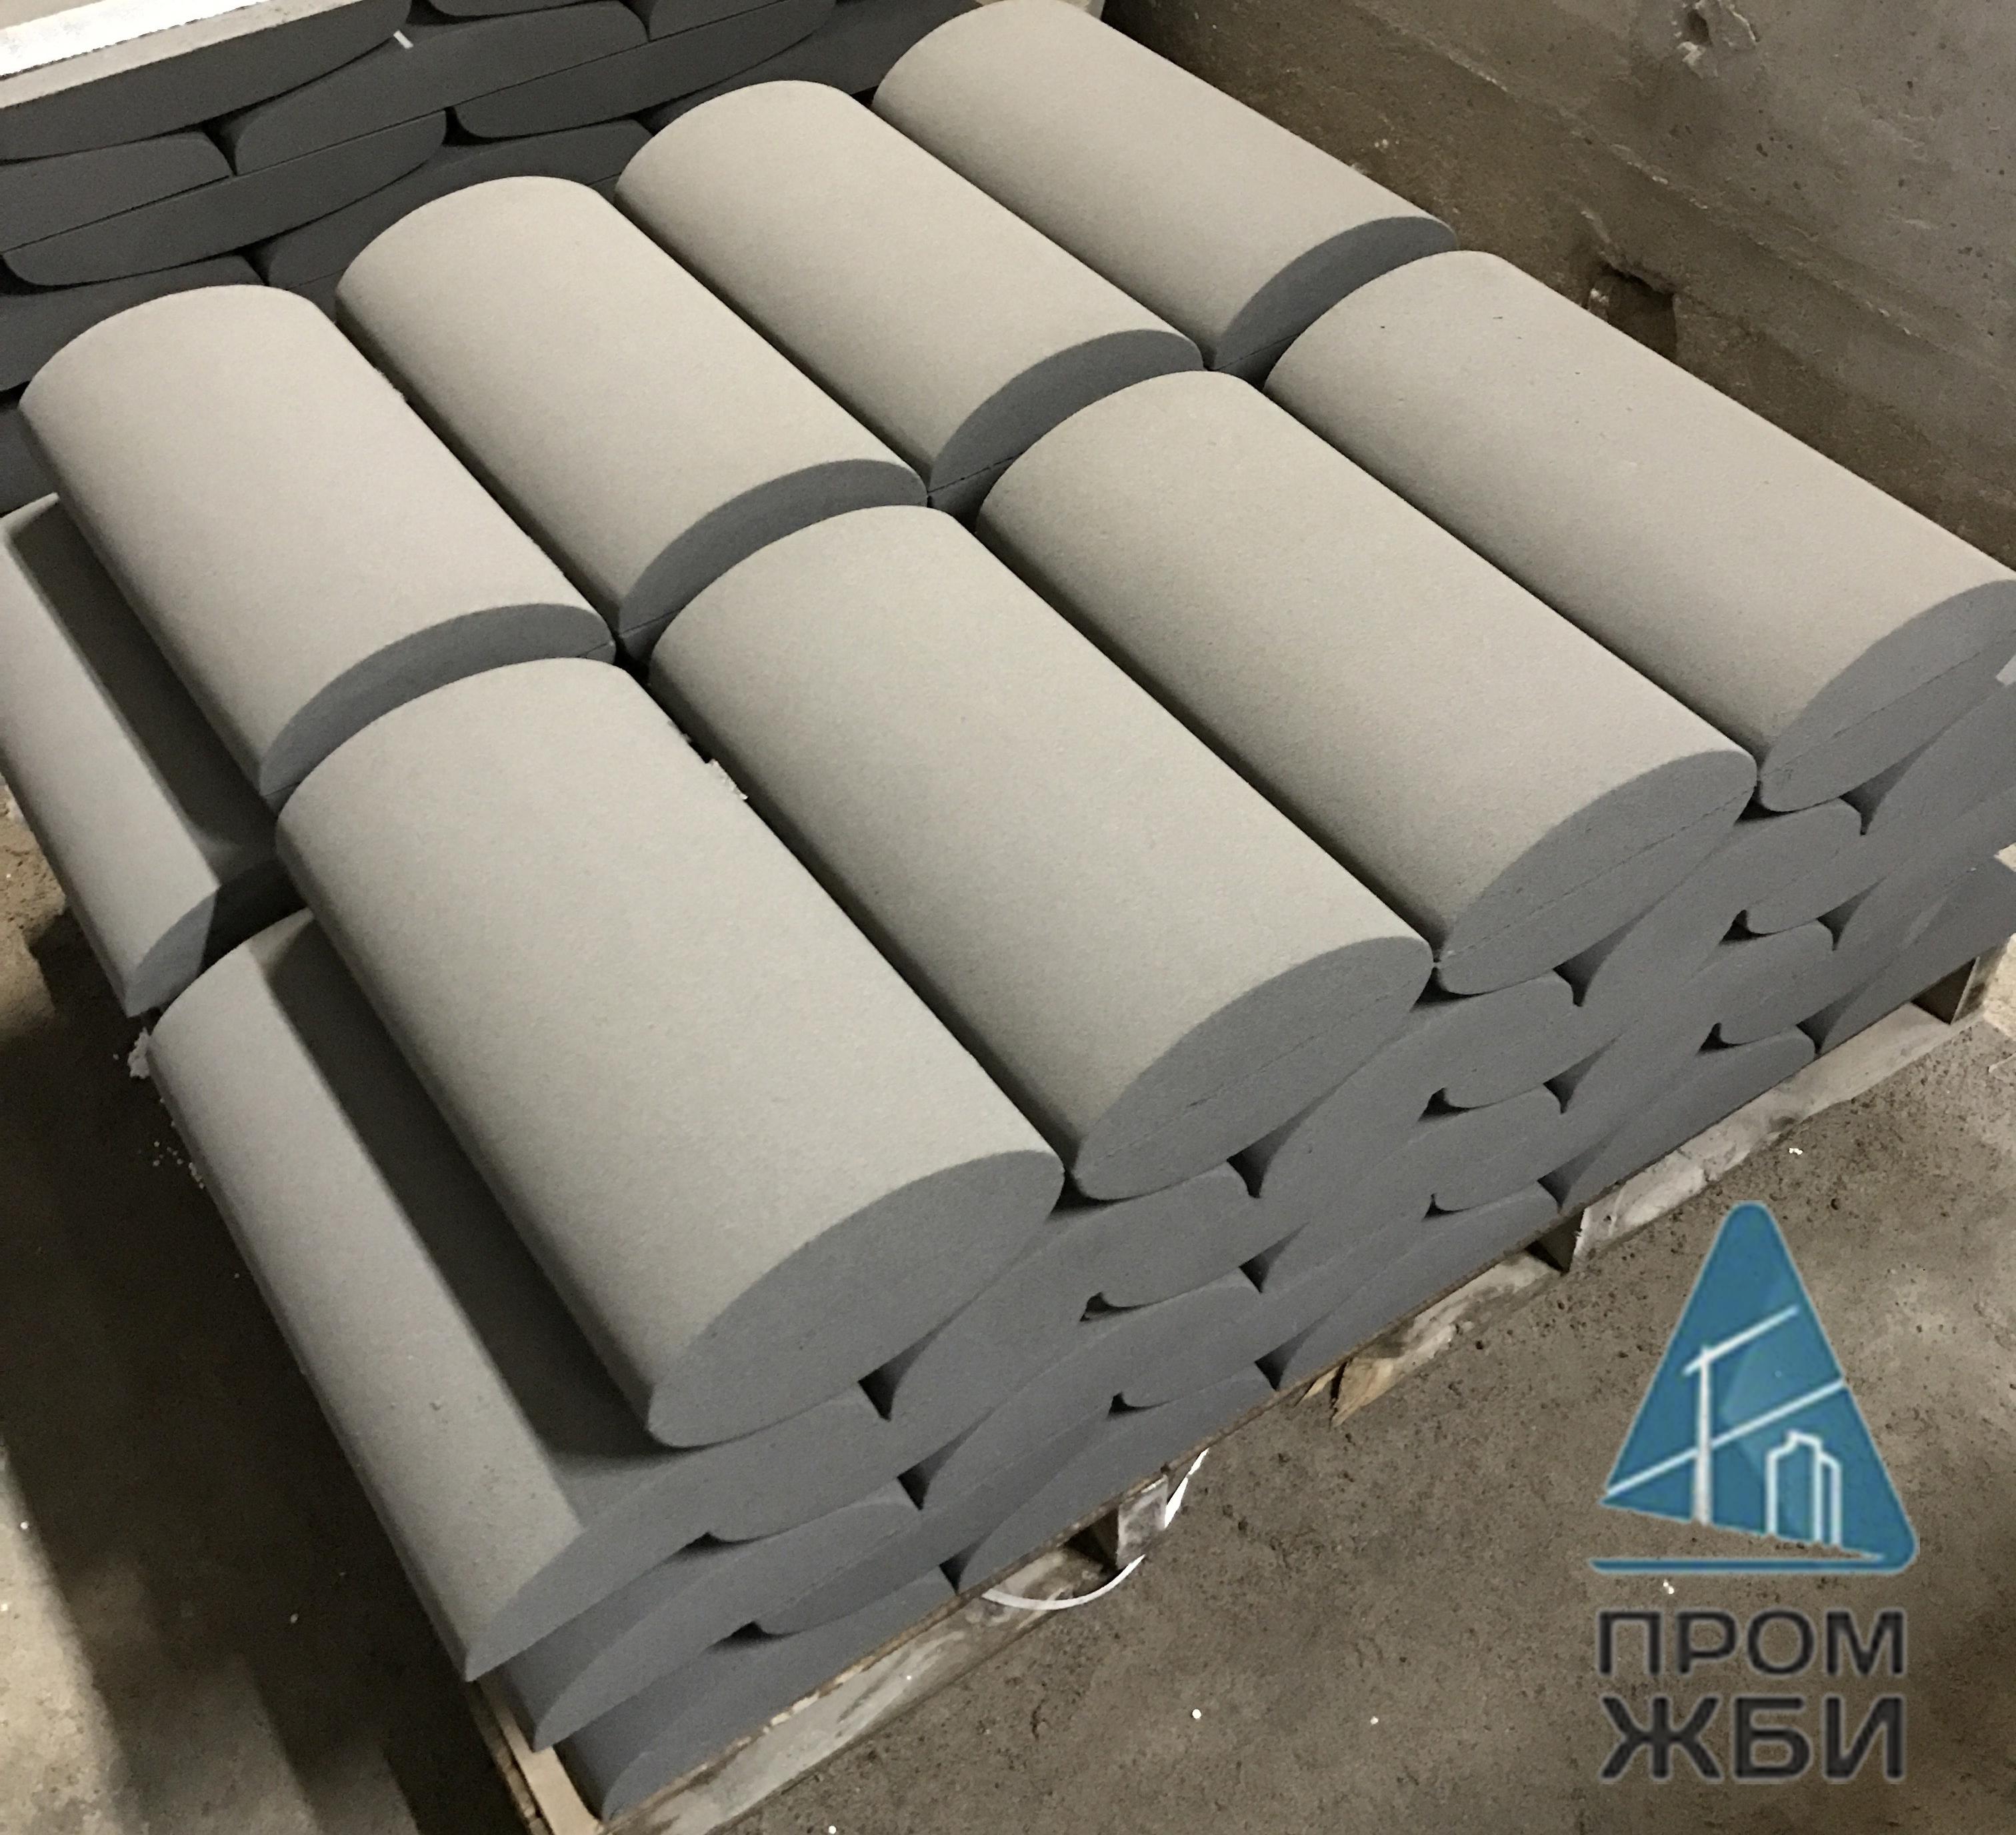 Купить парапетные крышки из бетона купить светящийся бетон